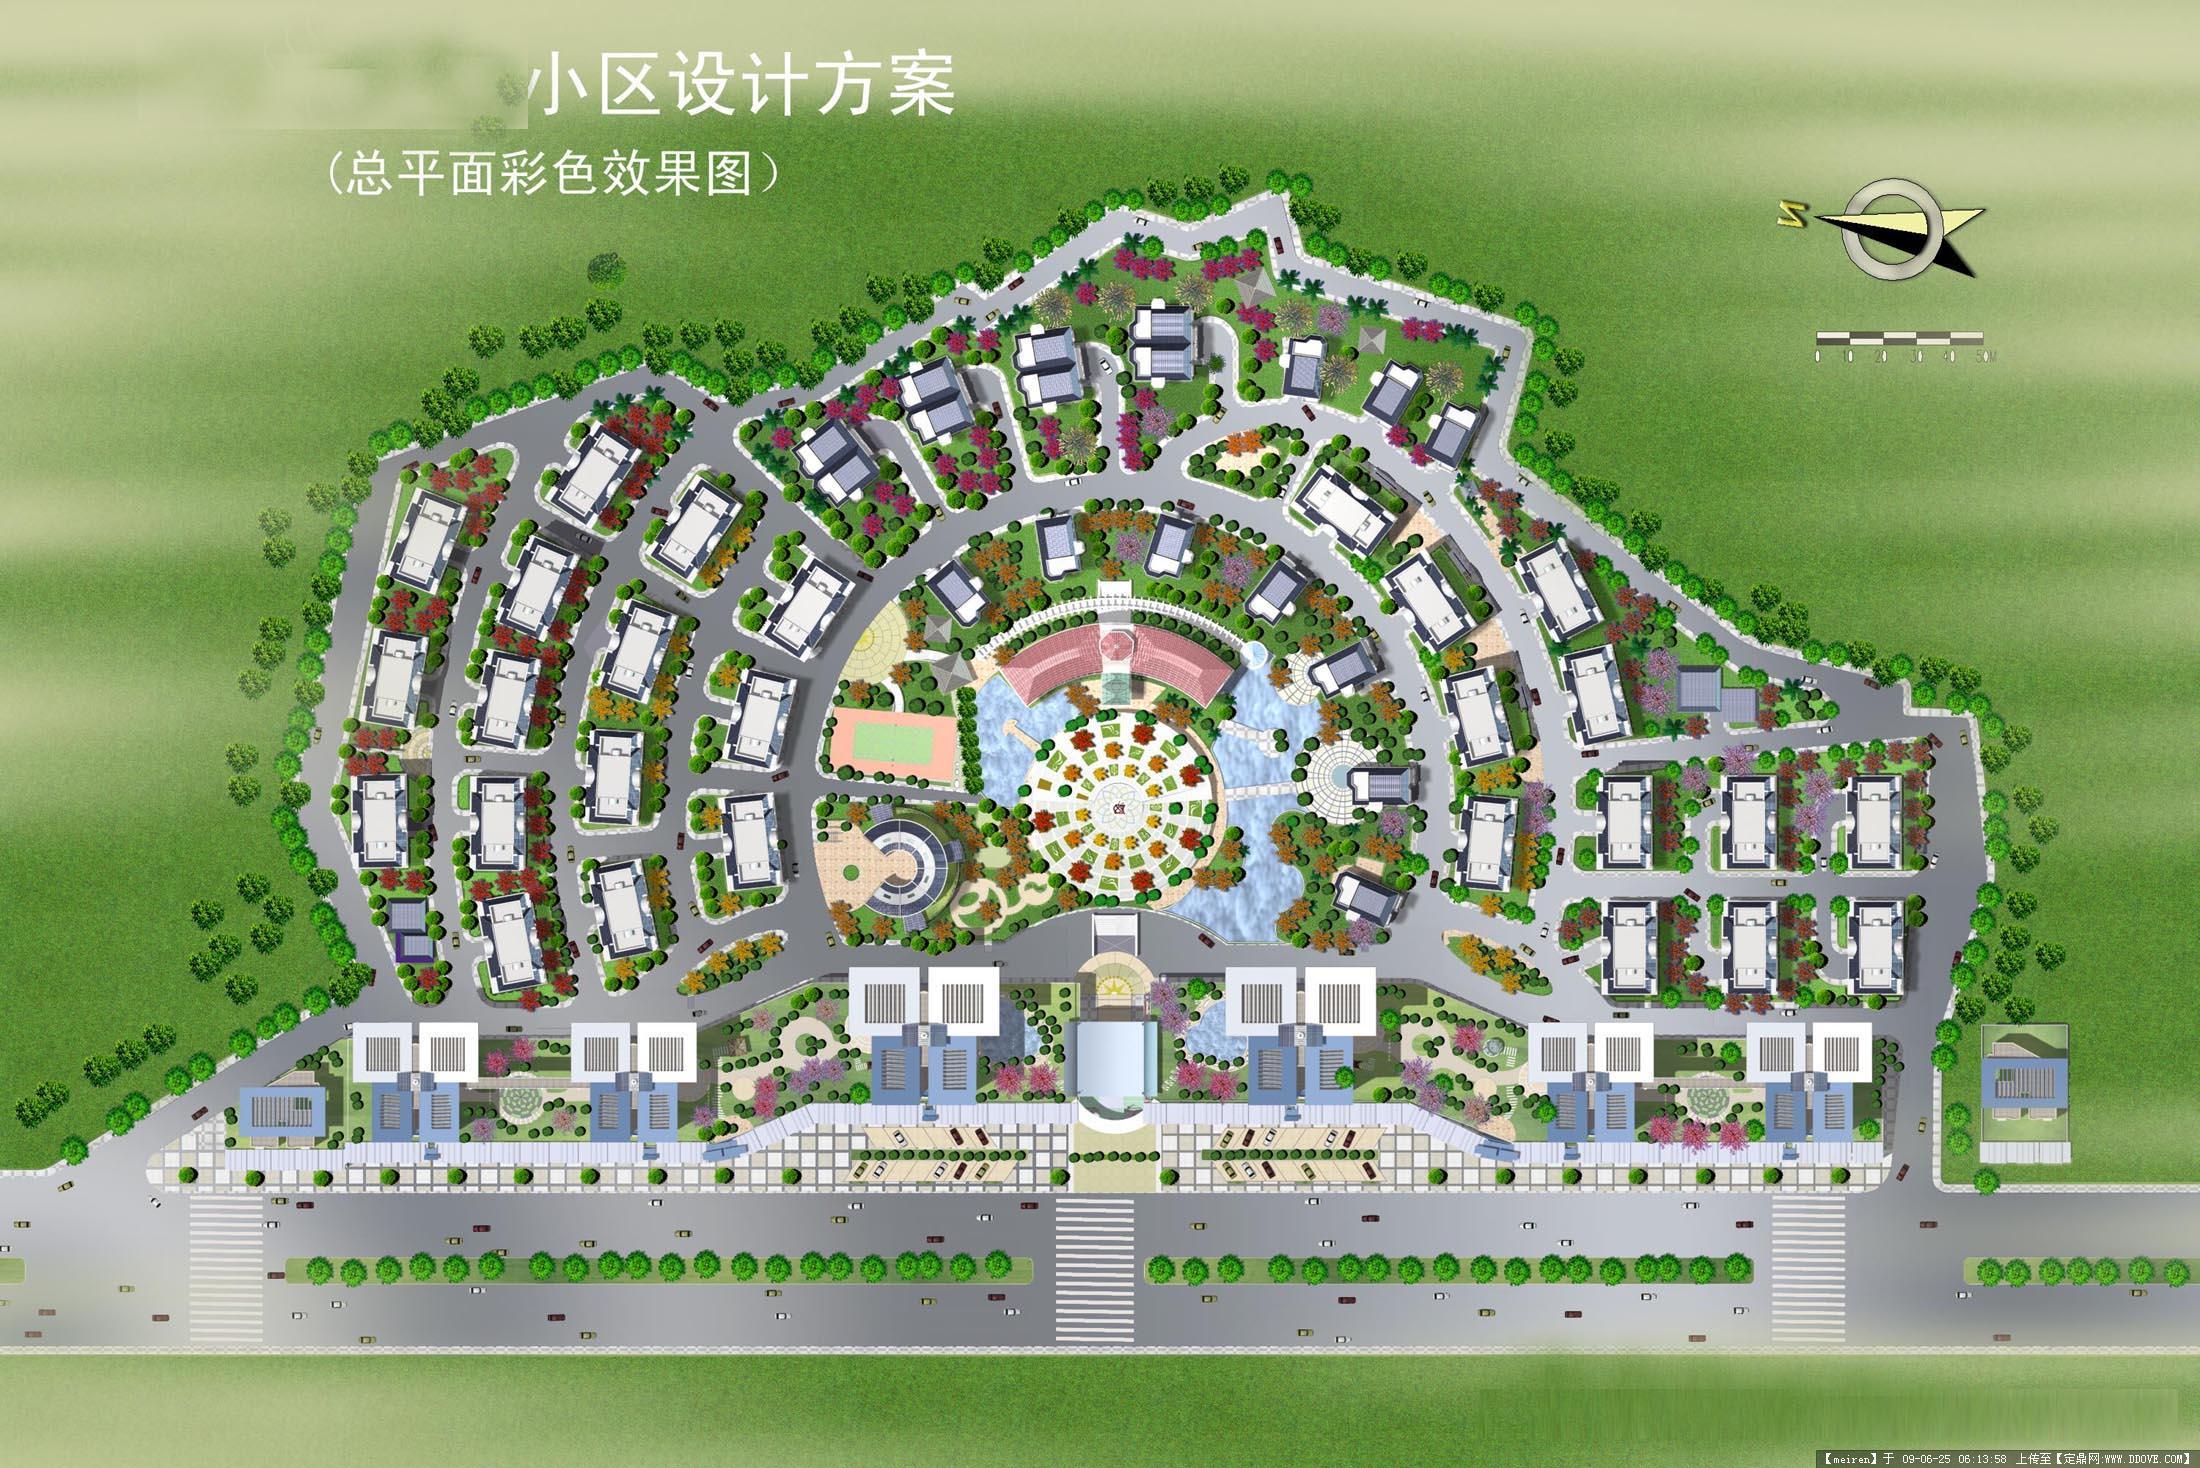 居住区快题 居住区规划设计3.图片